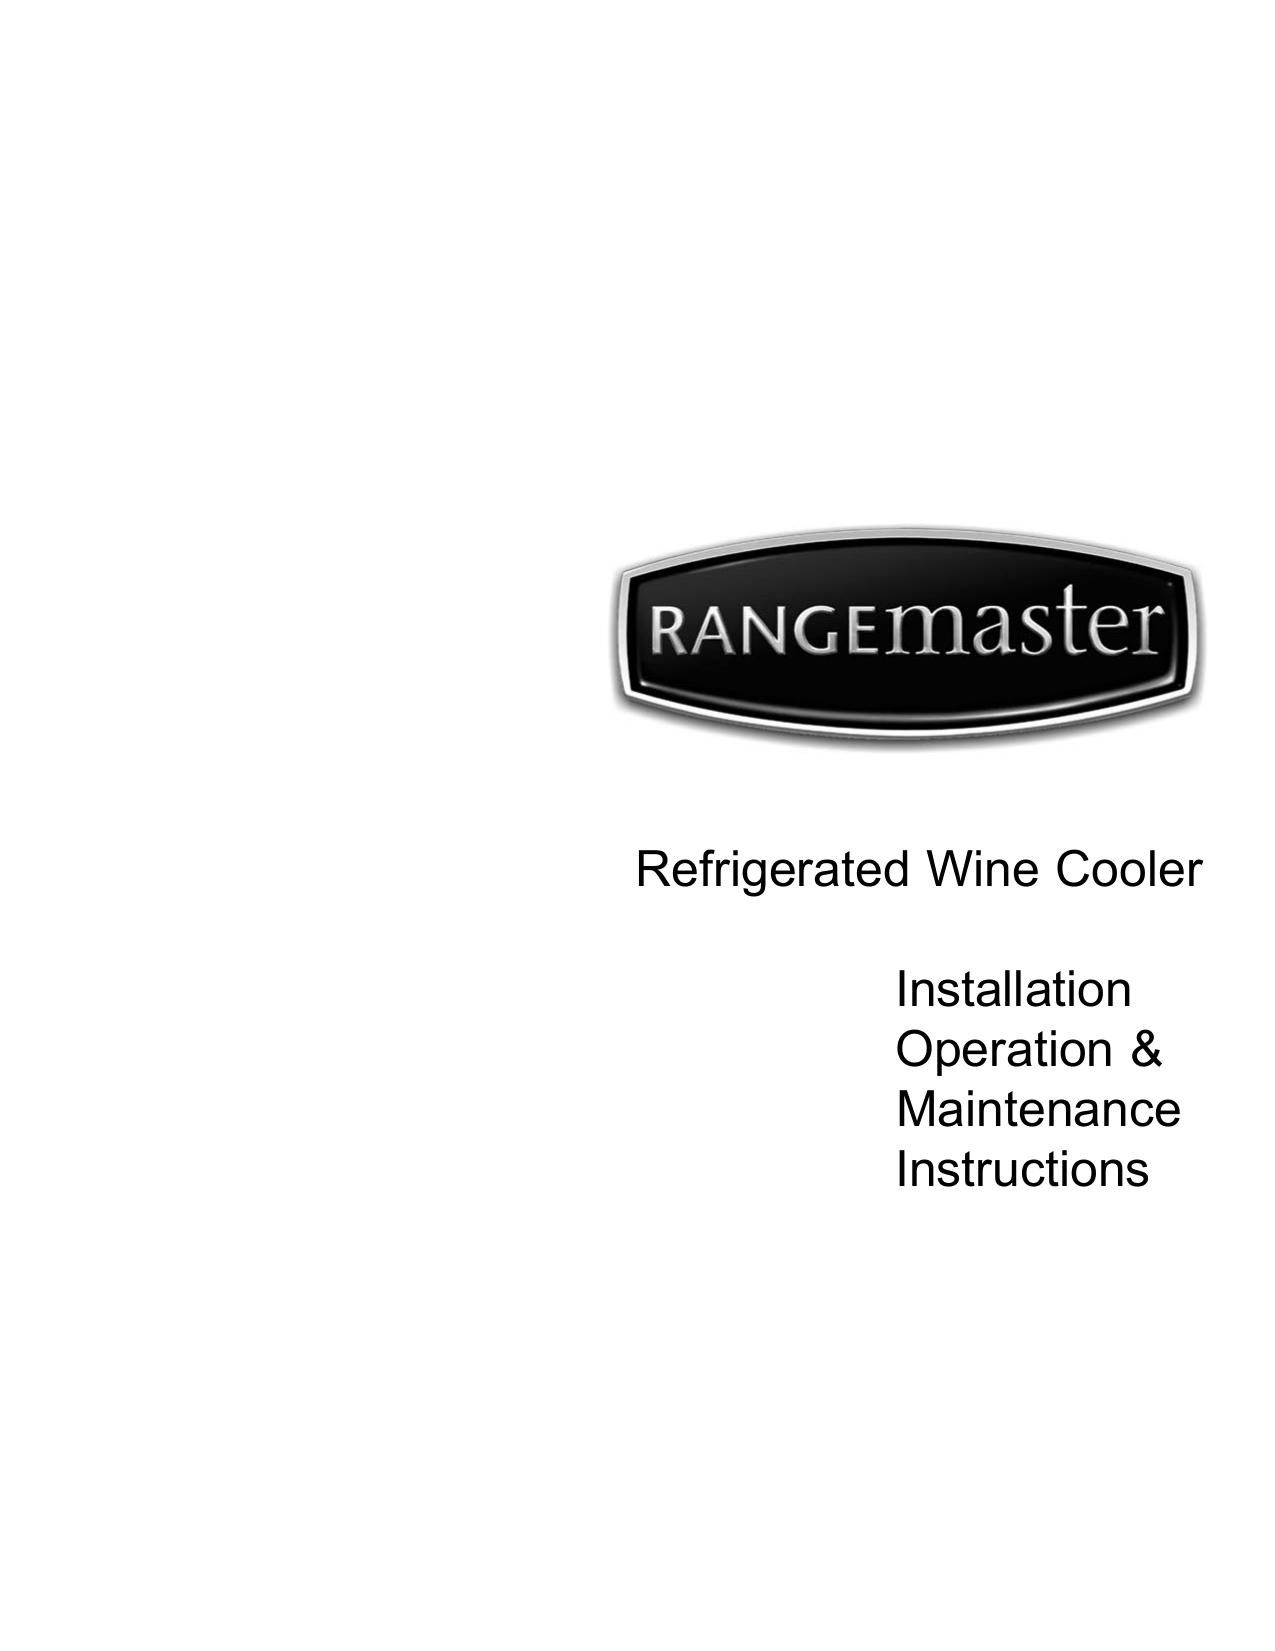 pdf for Rangemaster Other Wine Cooler Wine Cooler manual